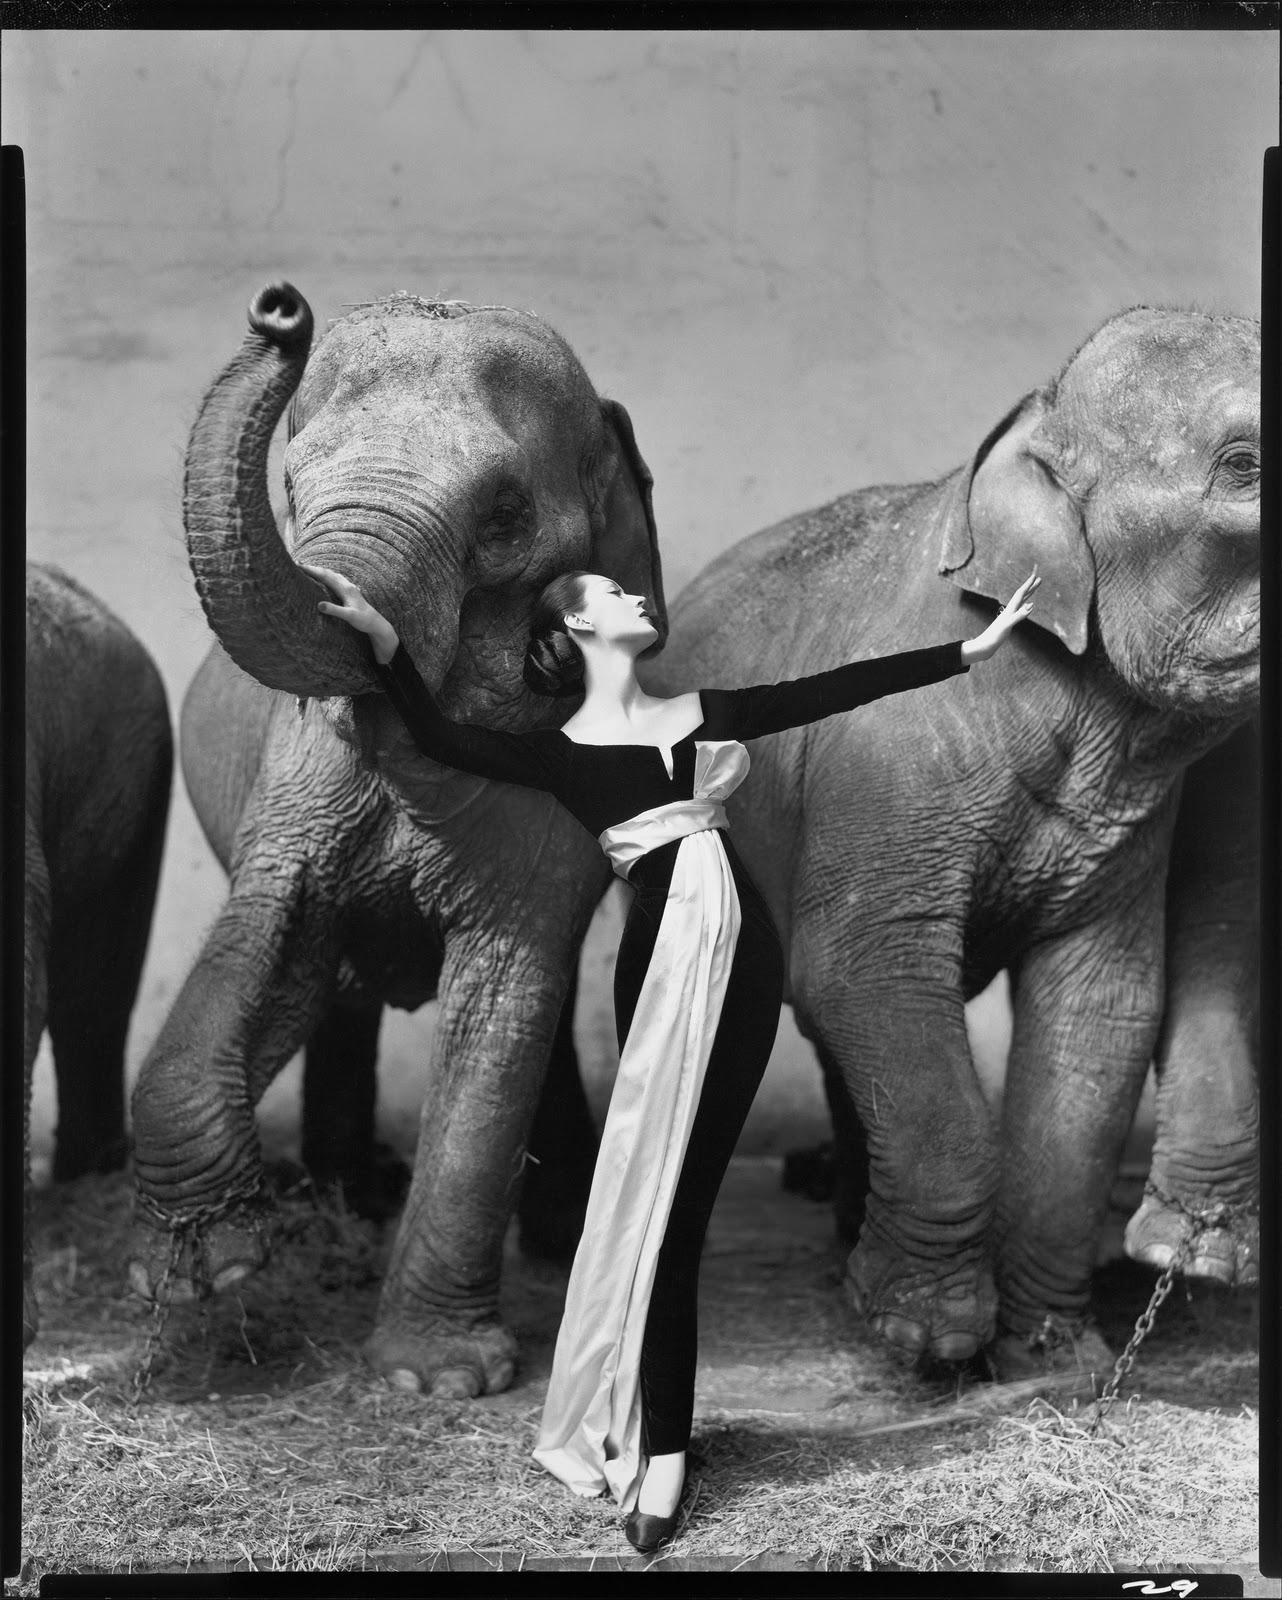 http://2.bp.blogspot.com/-ZUYZDQRXig8/TsqKohzT09I/AAAAAAAABHA/vdSG9yZ2meg/s1600/Dovima+with+Elephants%252C+Evening+Dress+by+Dior%252C+Cirque+d%25E2%2580%2599Hiver%252C+Paris%252C+August+1955..jpg